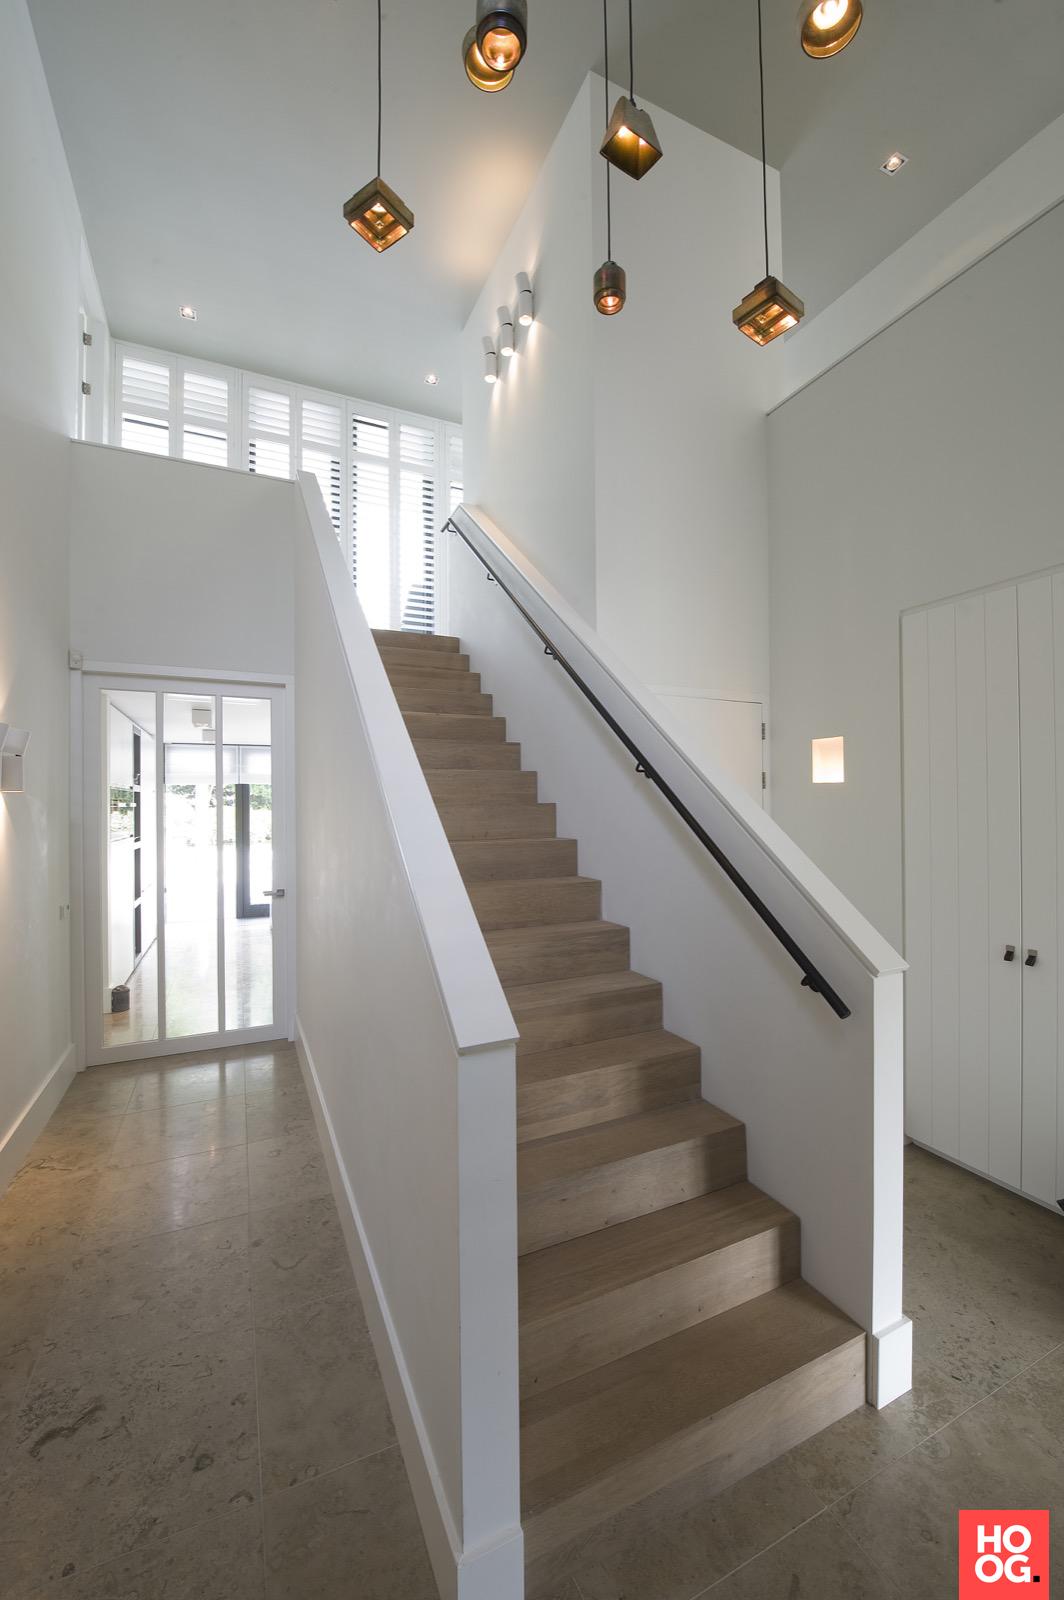 hal inrichting   interieur inspiratie   wit interieur   Hoog.design ...